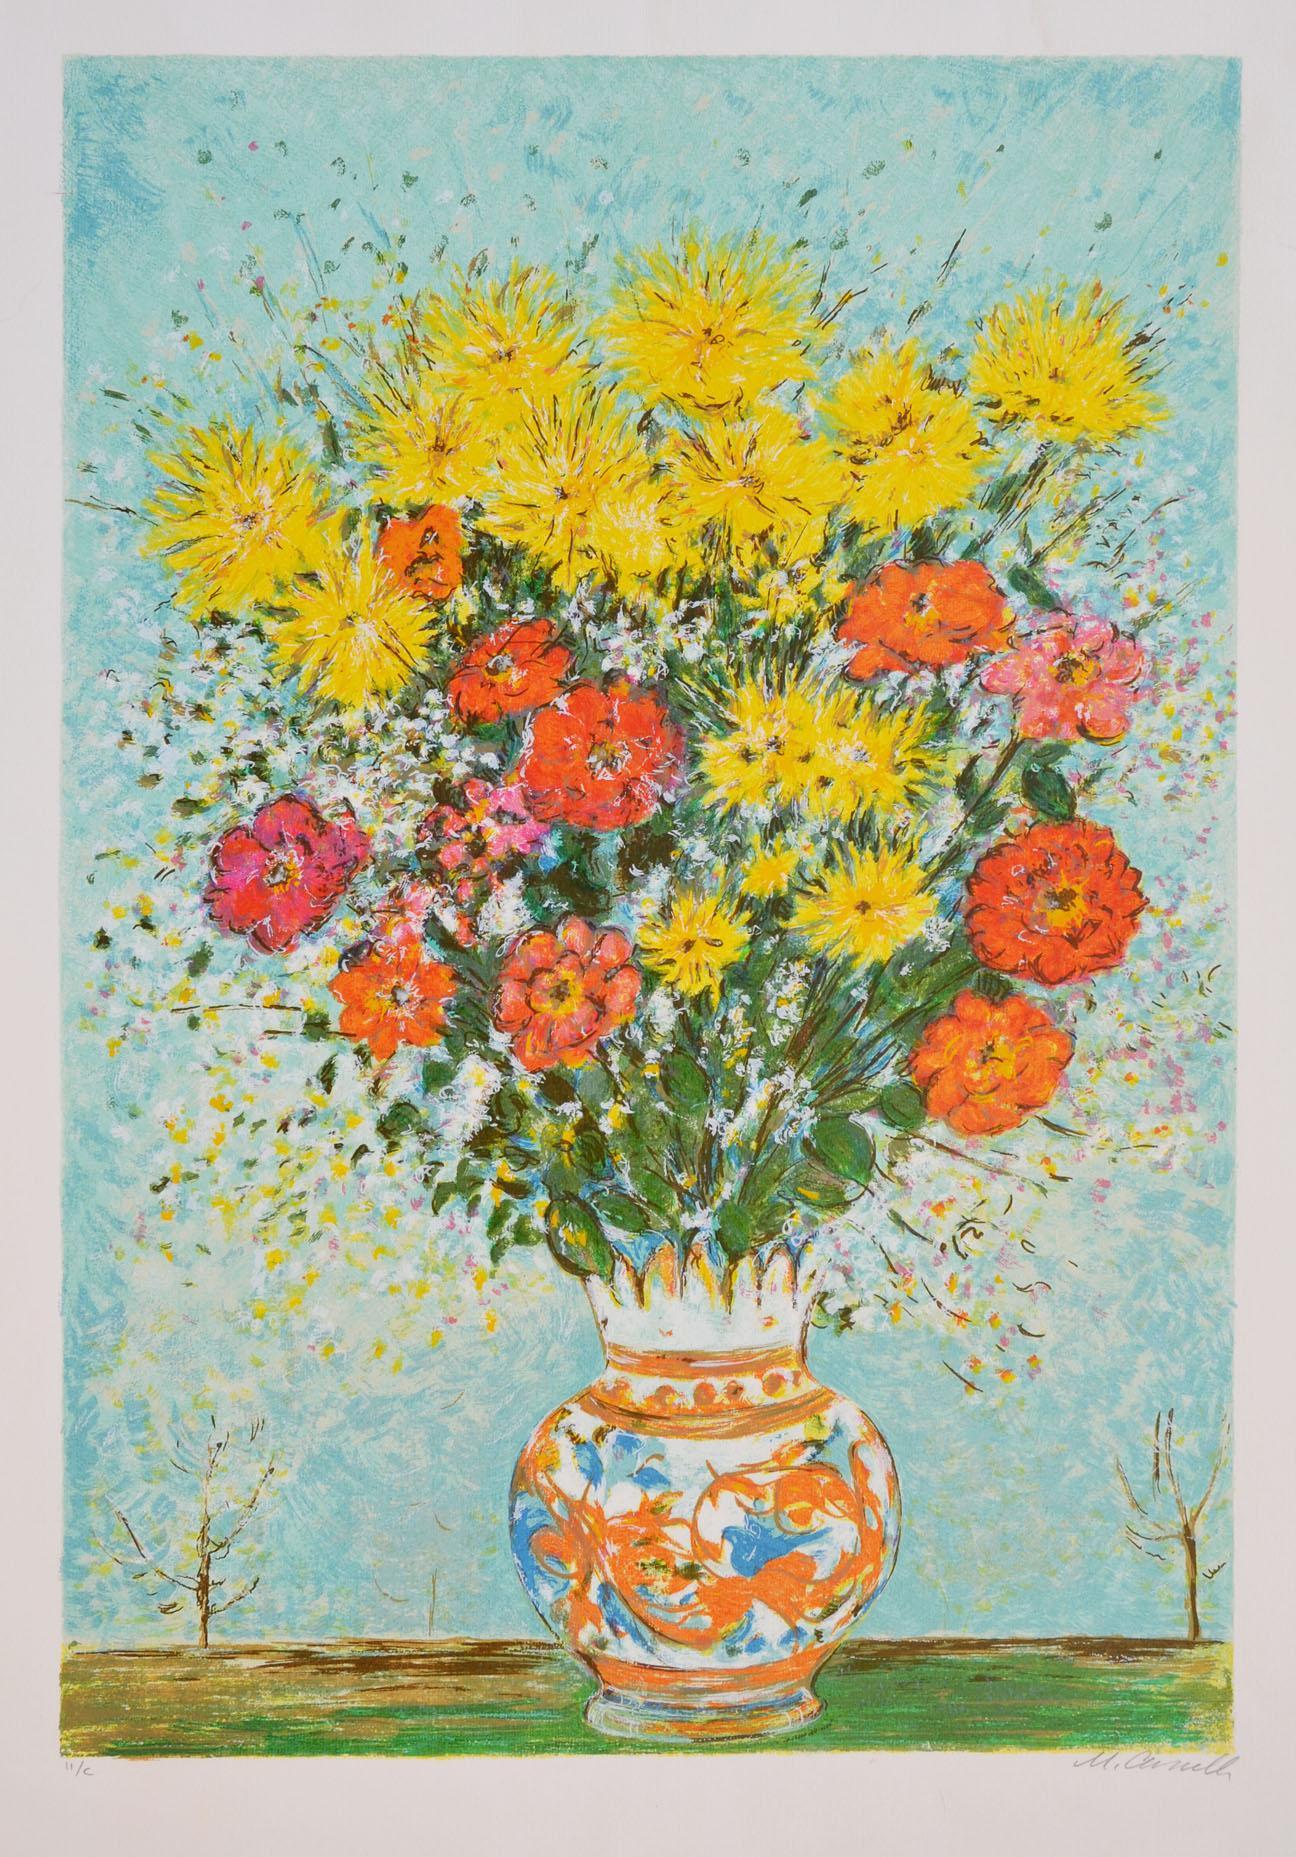 Cascella Michele, Vaso di fiori, Serigrafia polimaterica, Formato cm 65x87